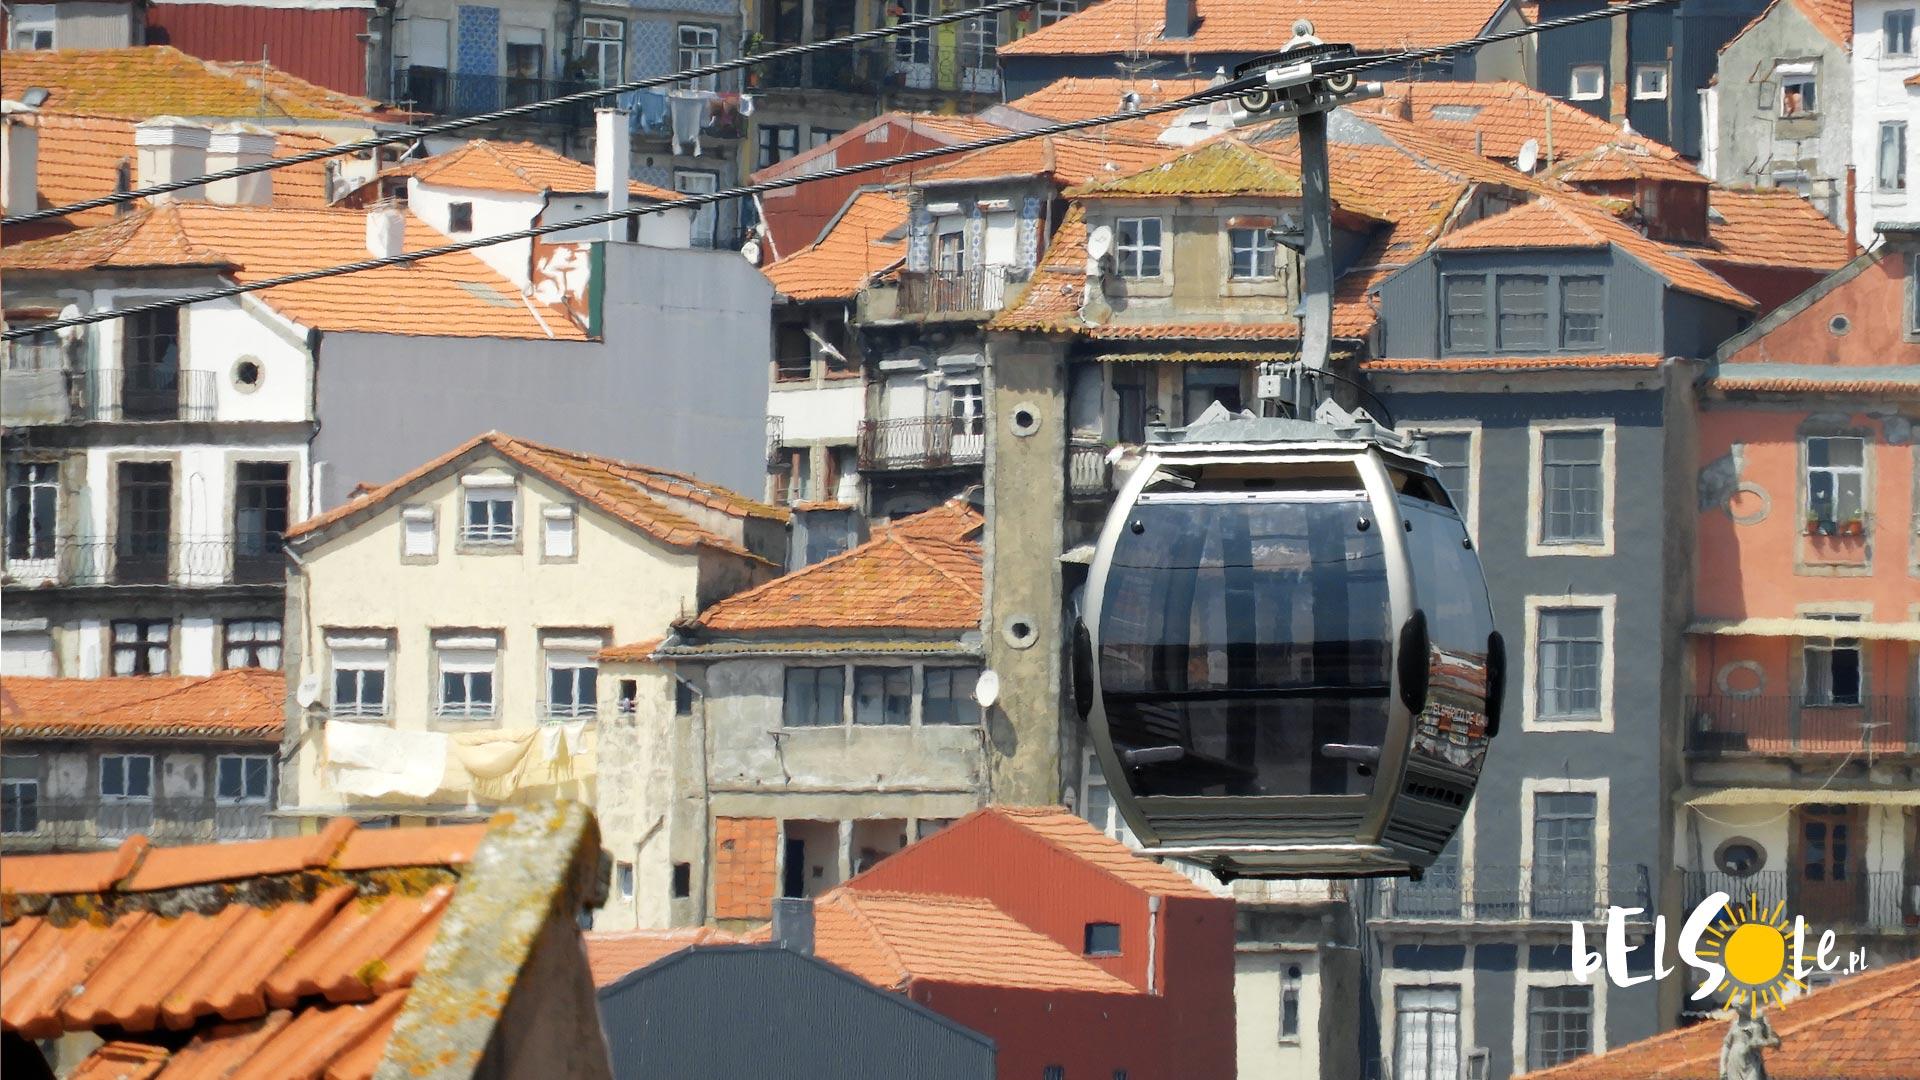 Kolejka linowa w Porto